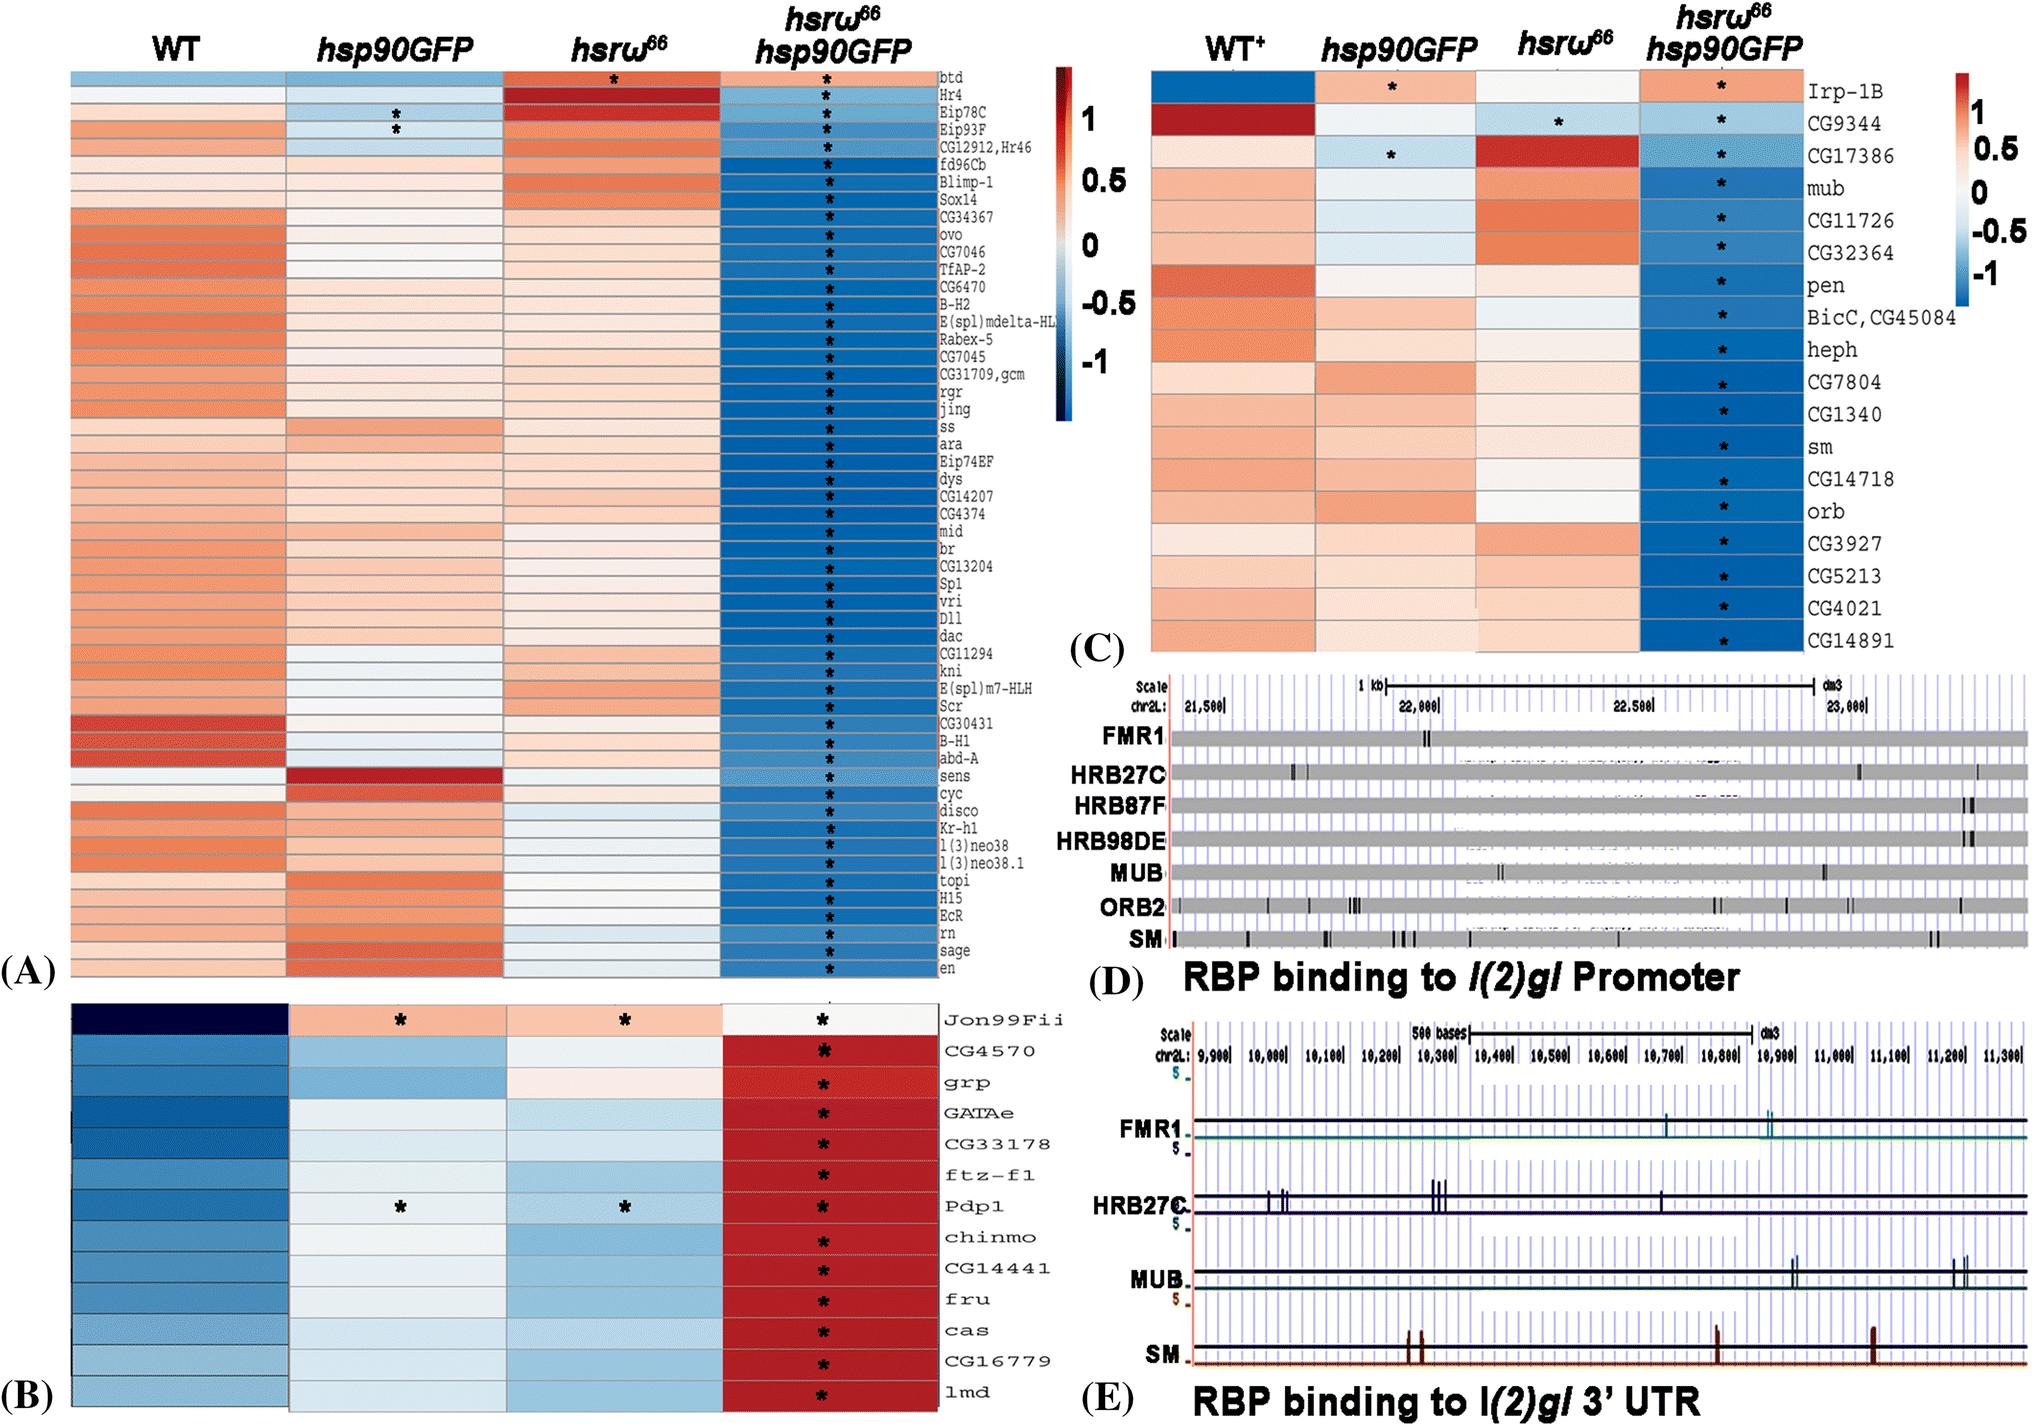 Over-expression of Hsp83 in grossly depleted hsrω lncRNA